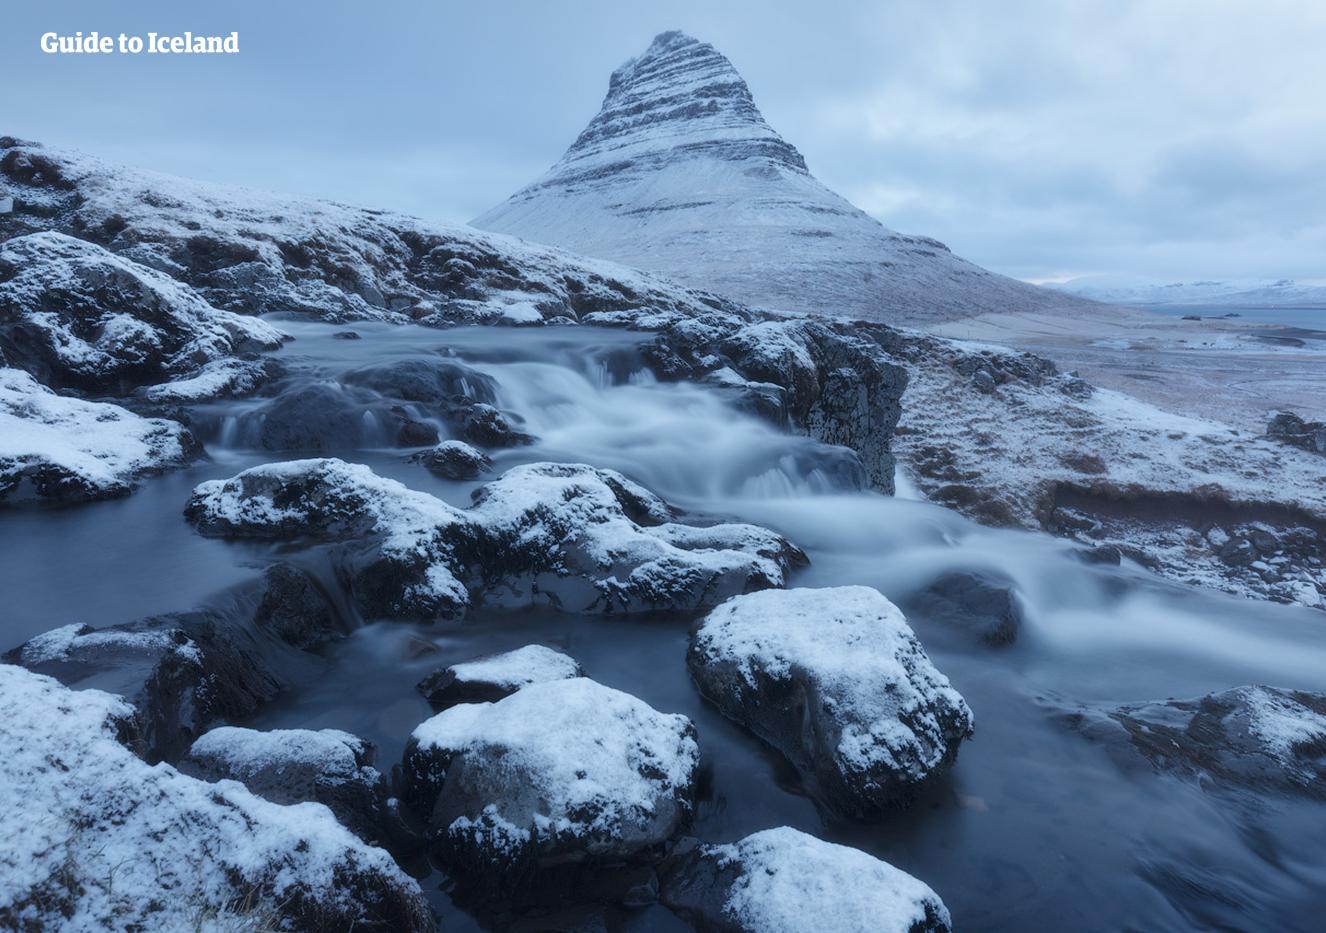 Mt. Kirkjufell, debout sur la péninsule de Snæfellsnes, prend un air saisissant couvert de neige pendant l'hiver islandais.